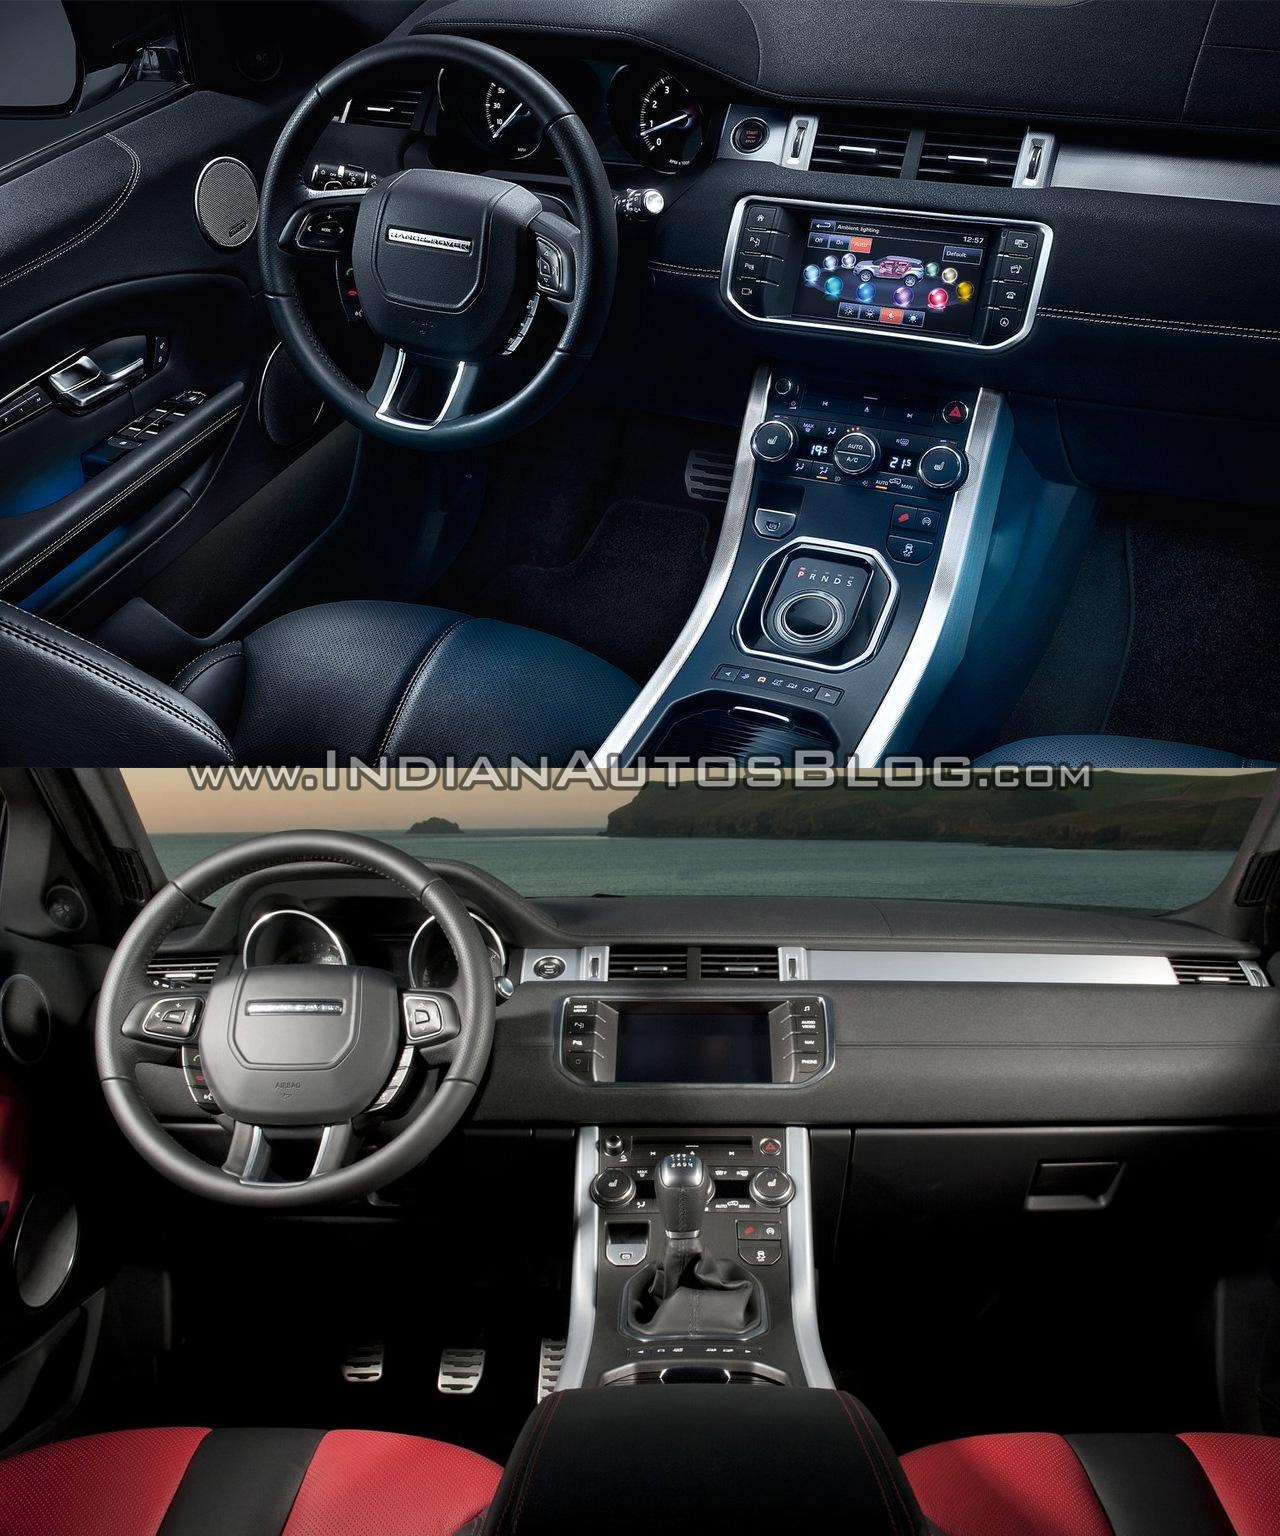 Range Rover Evoque Interior India 2018